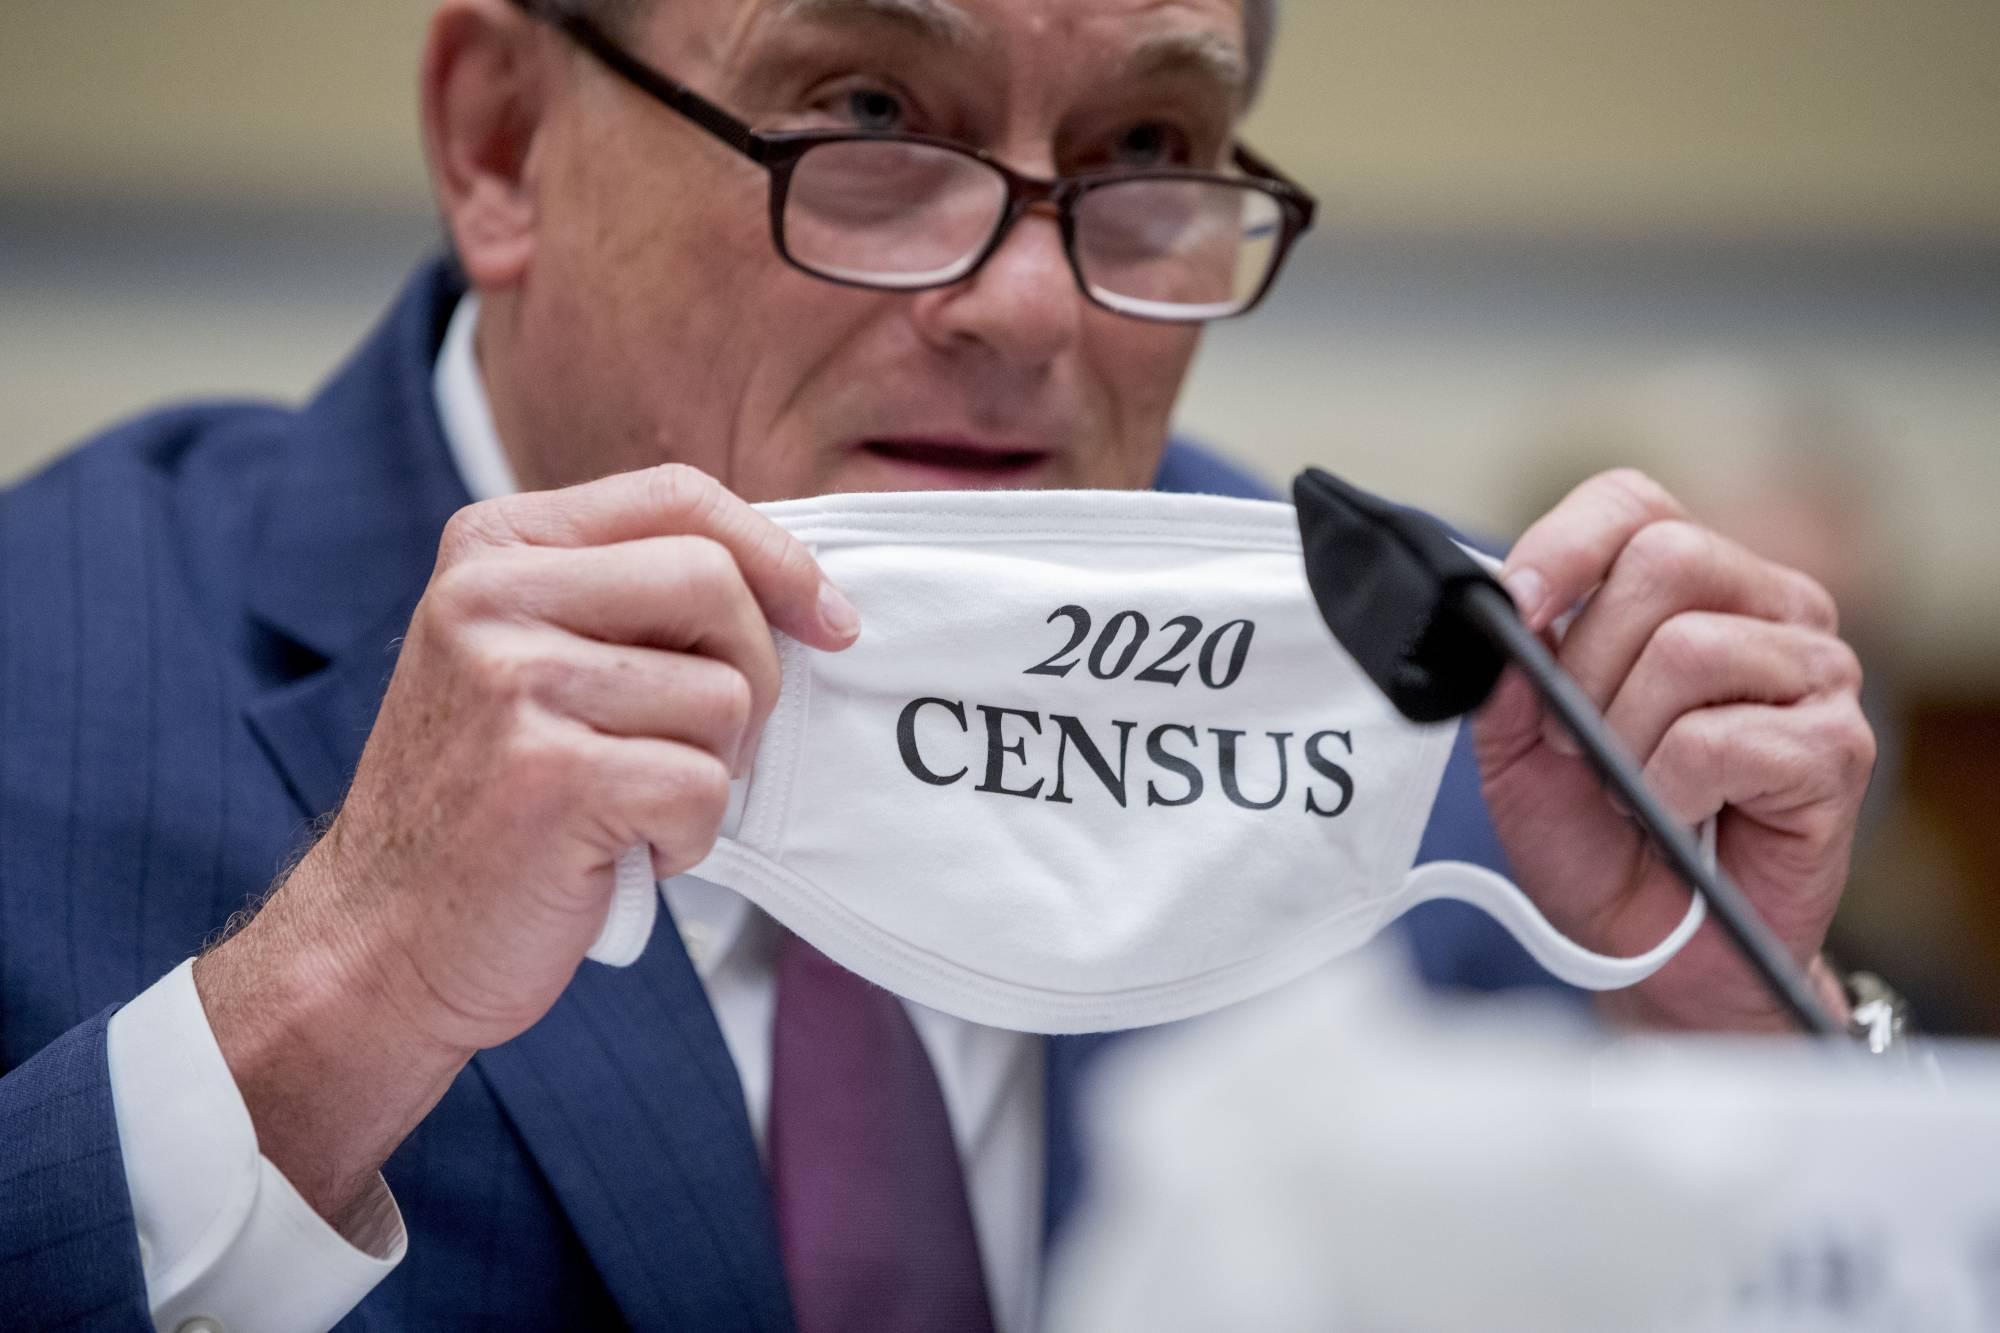 Congress US 2020 Census 70498.